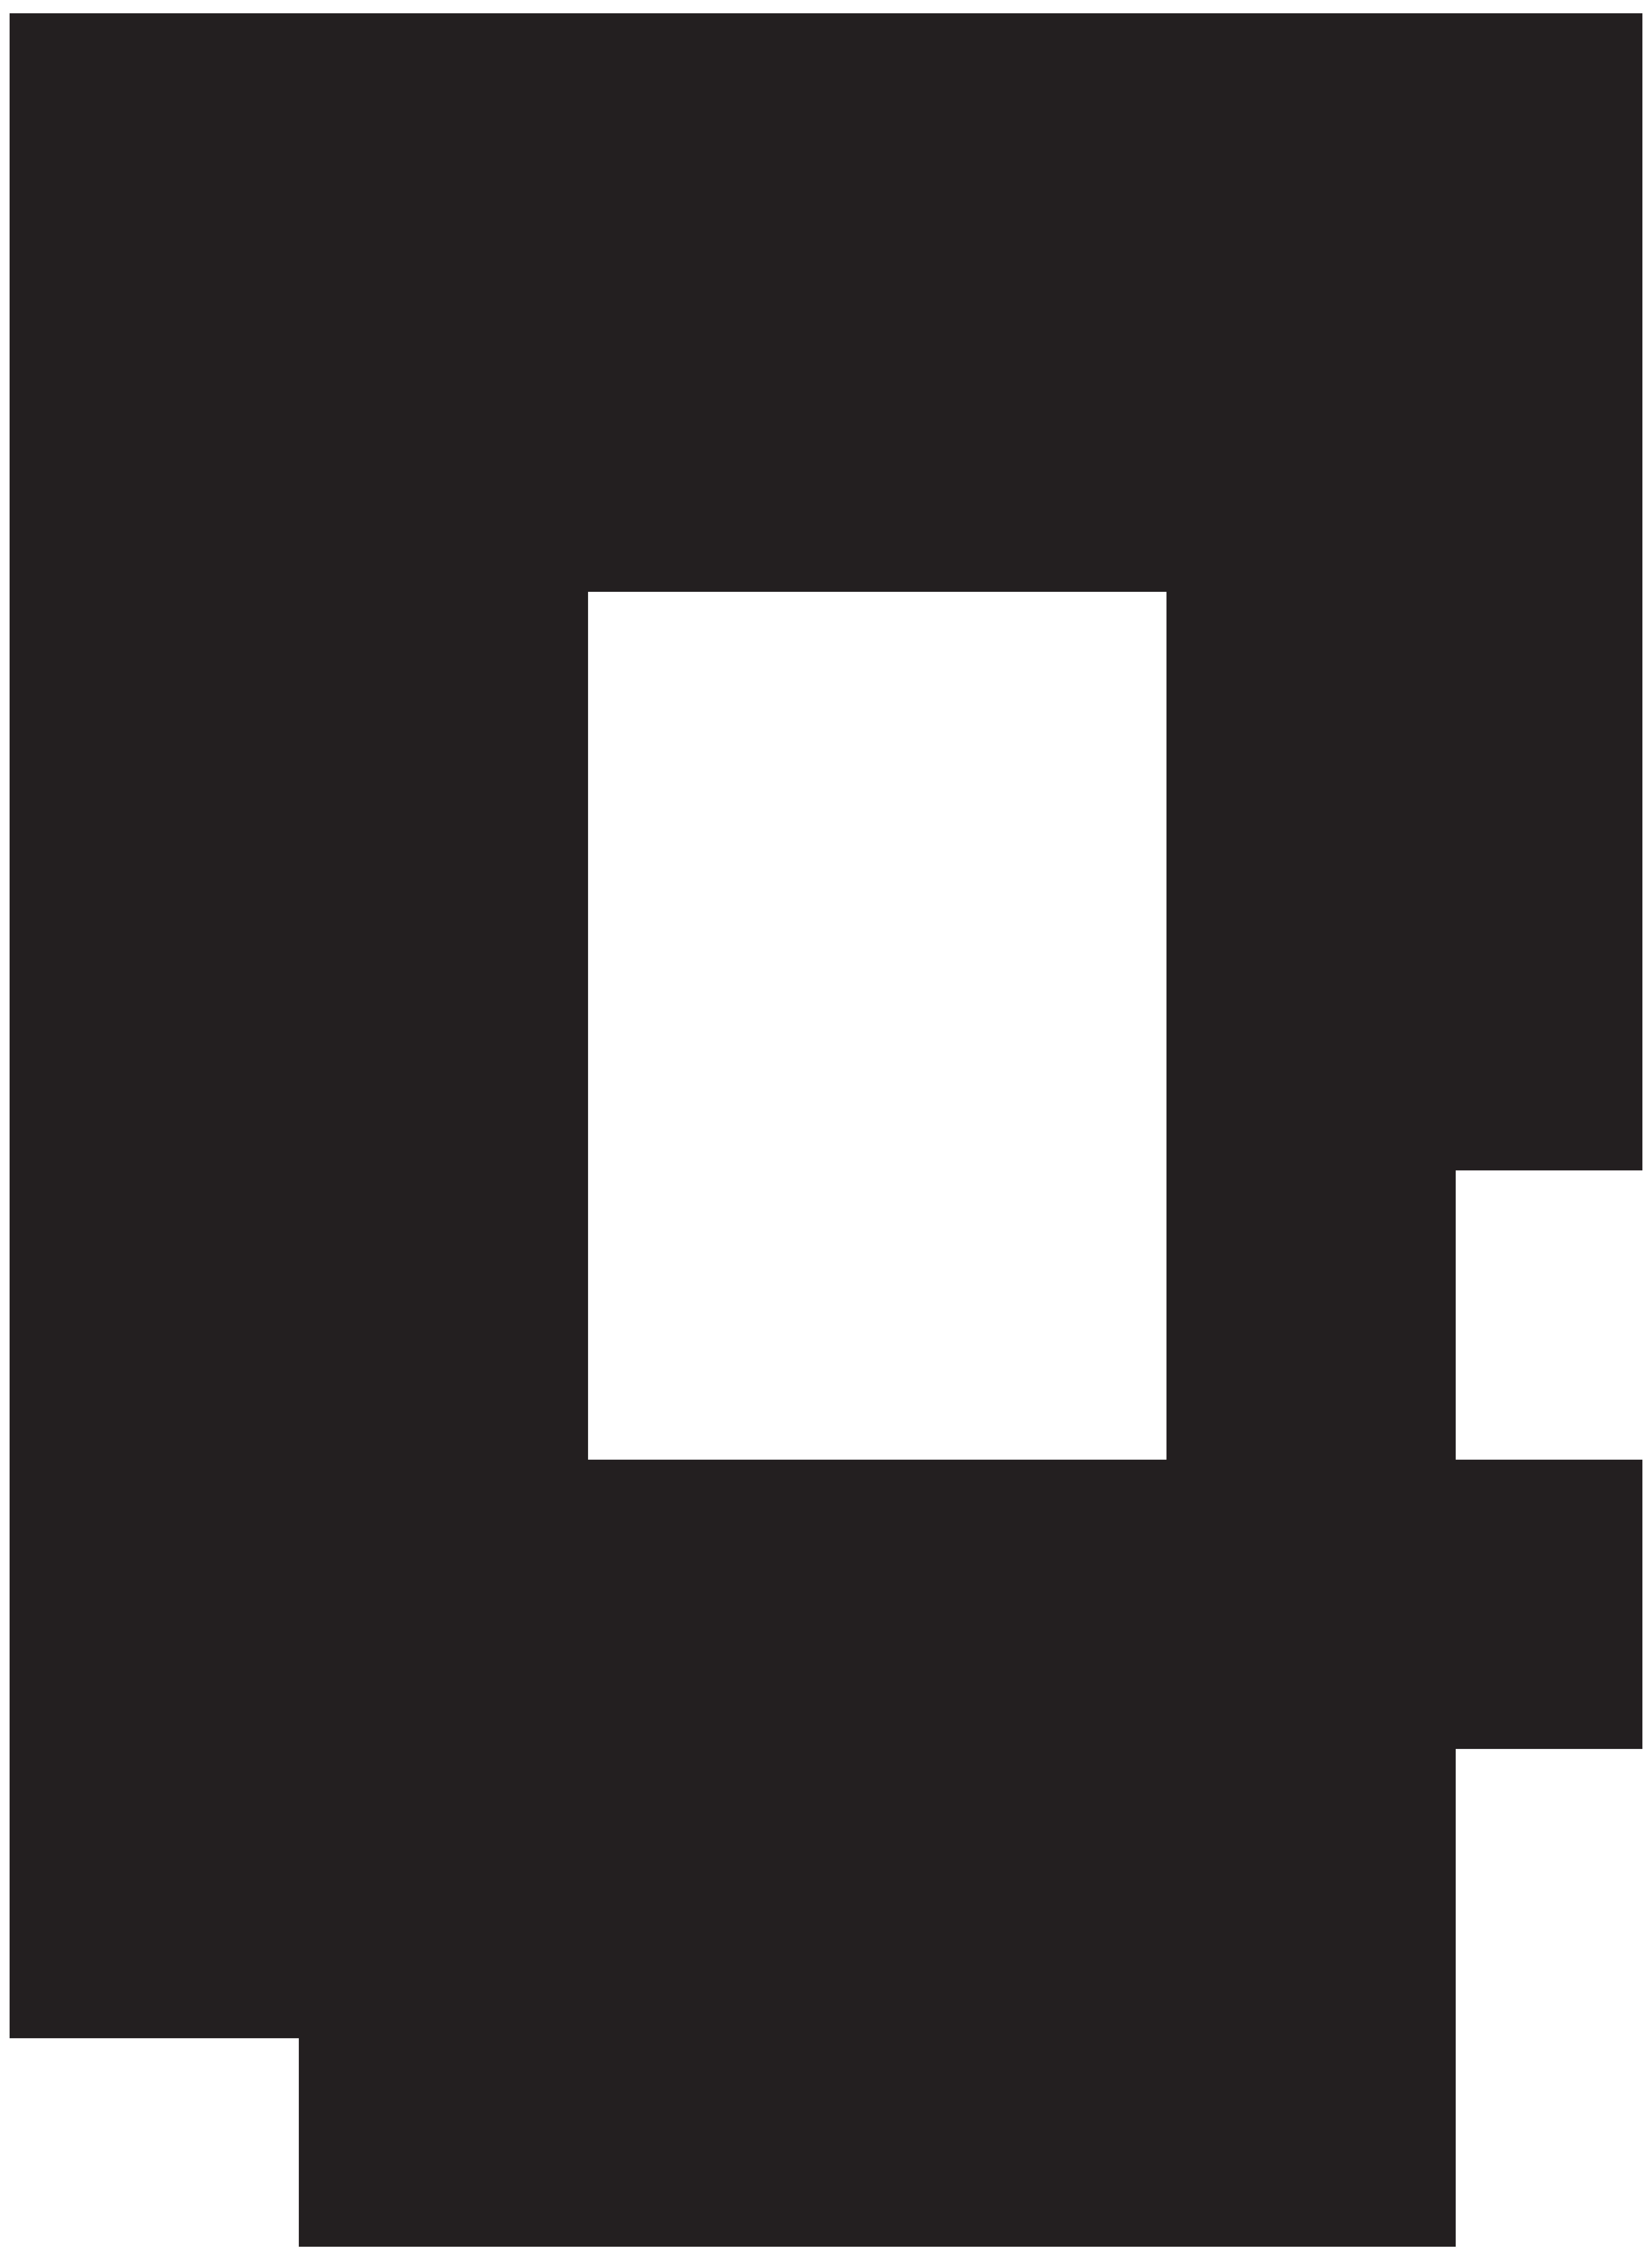 Man hair beard png. Clipart mustache